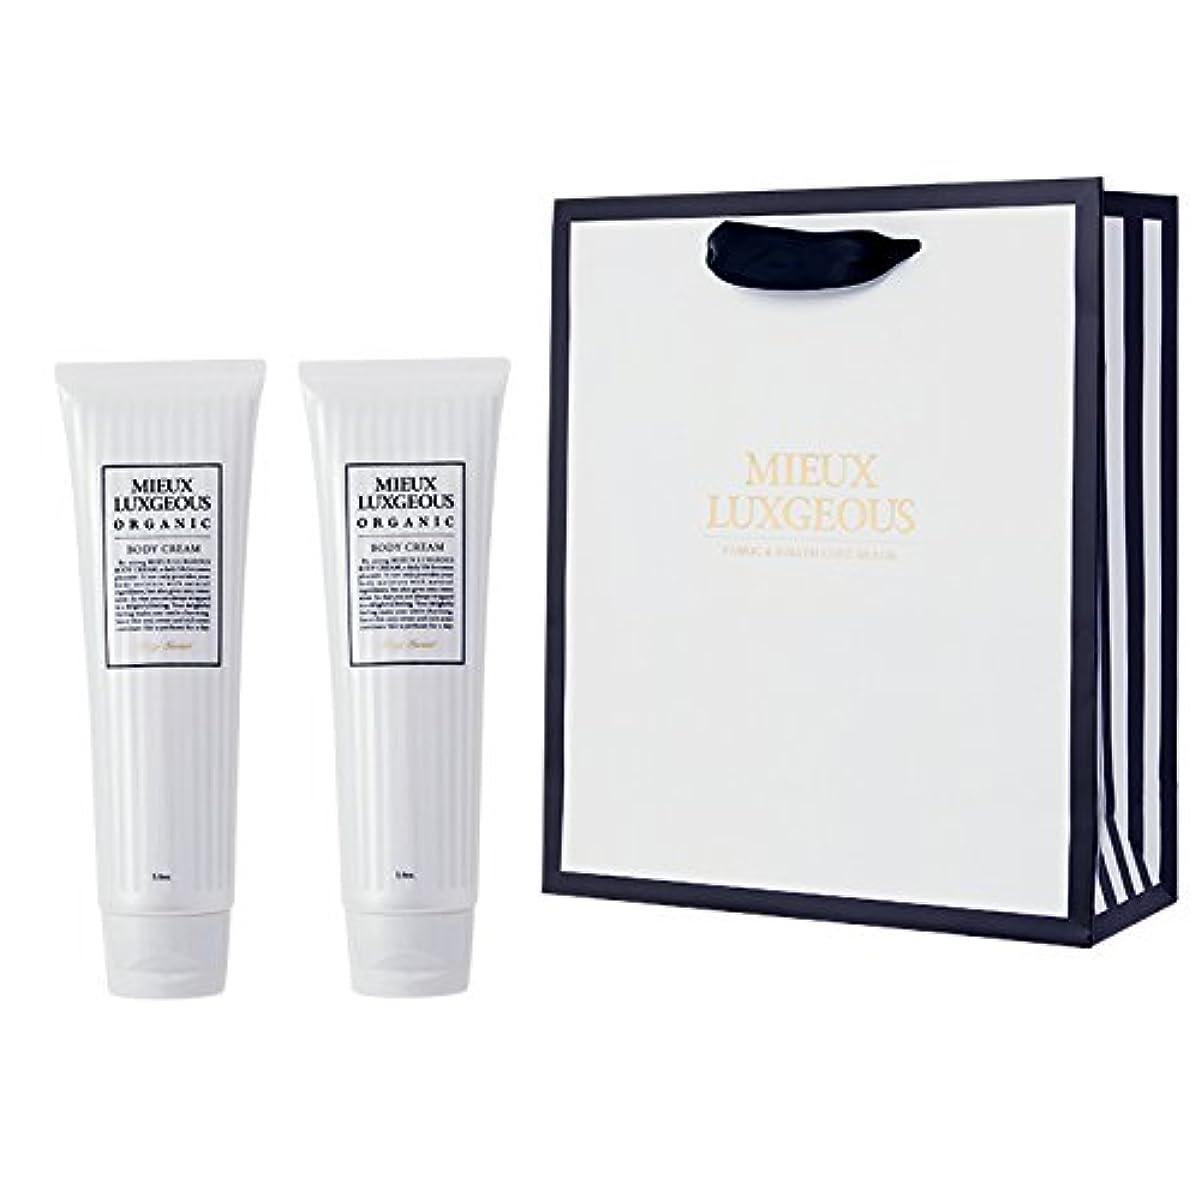 終了する抱擁敬礼ミューラグジャス Body Cream 2本set with Paperbag02